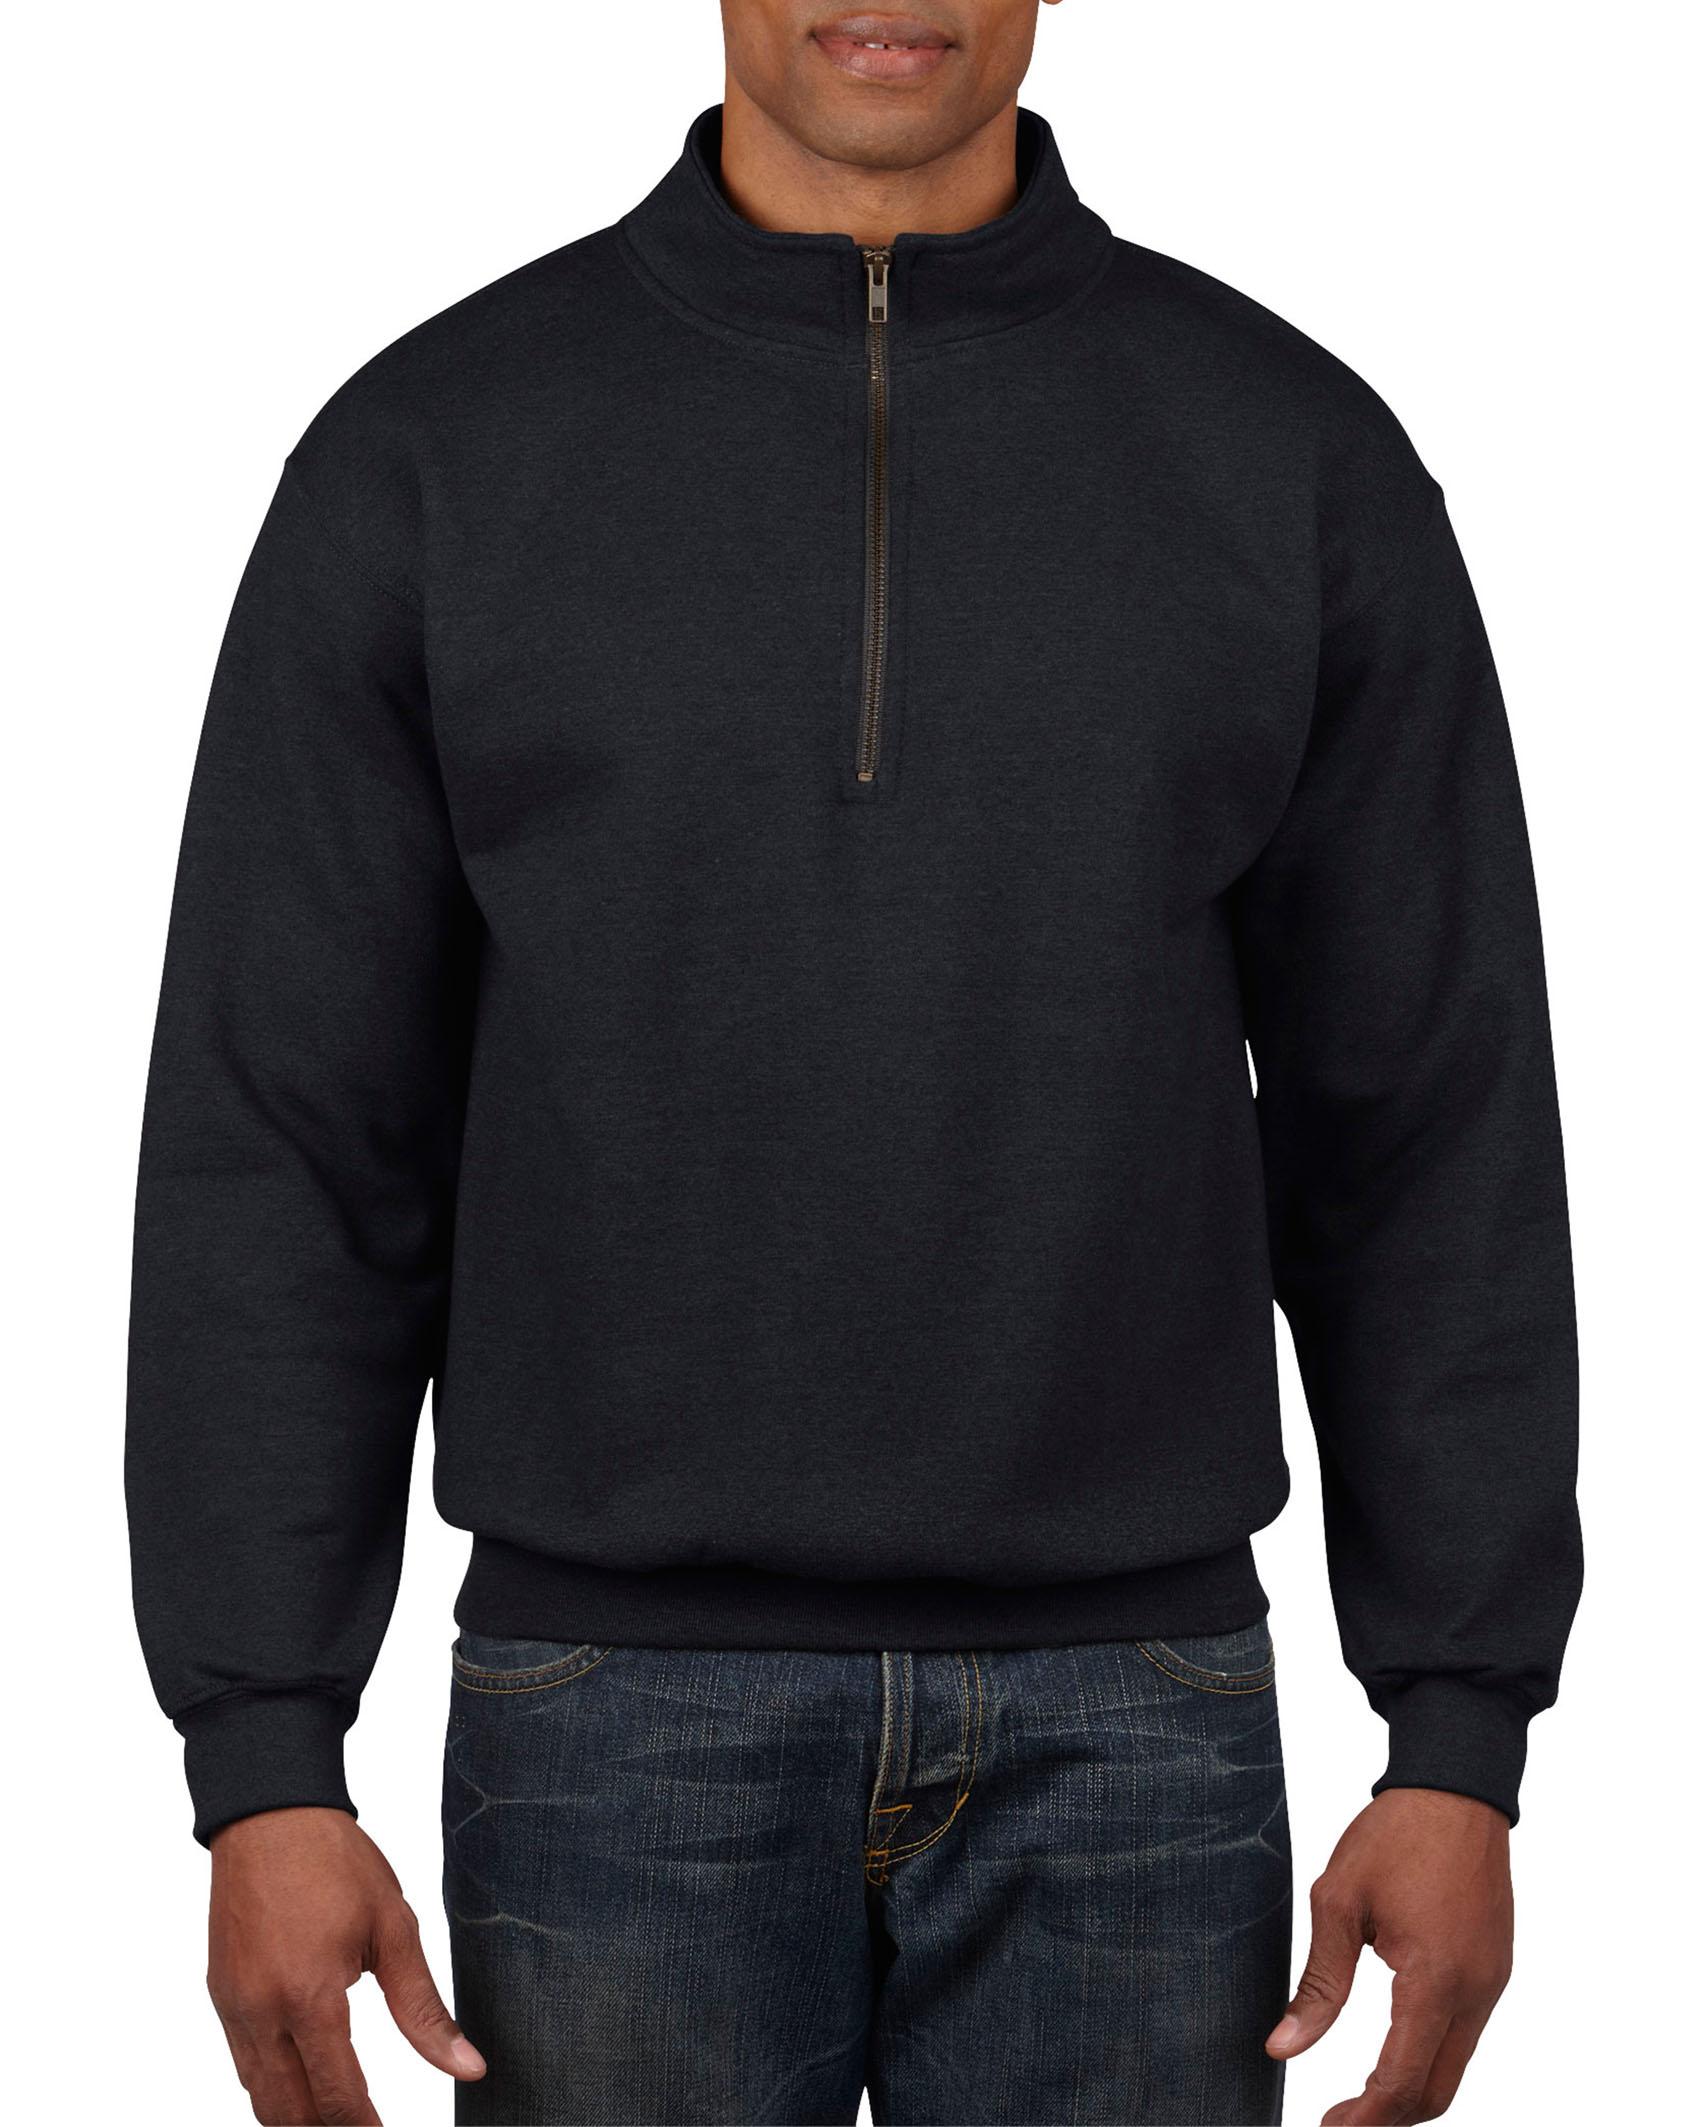 Gildan Sweater 1/4 Zip Cadet Vintage